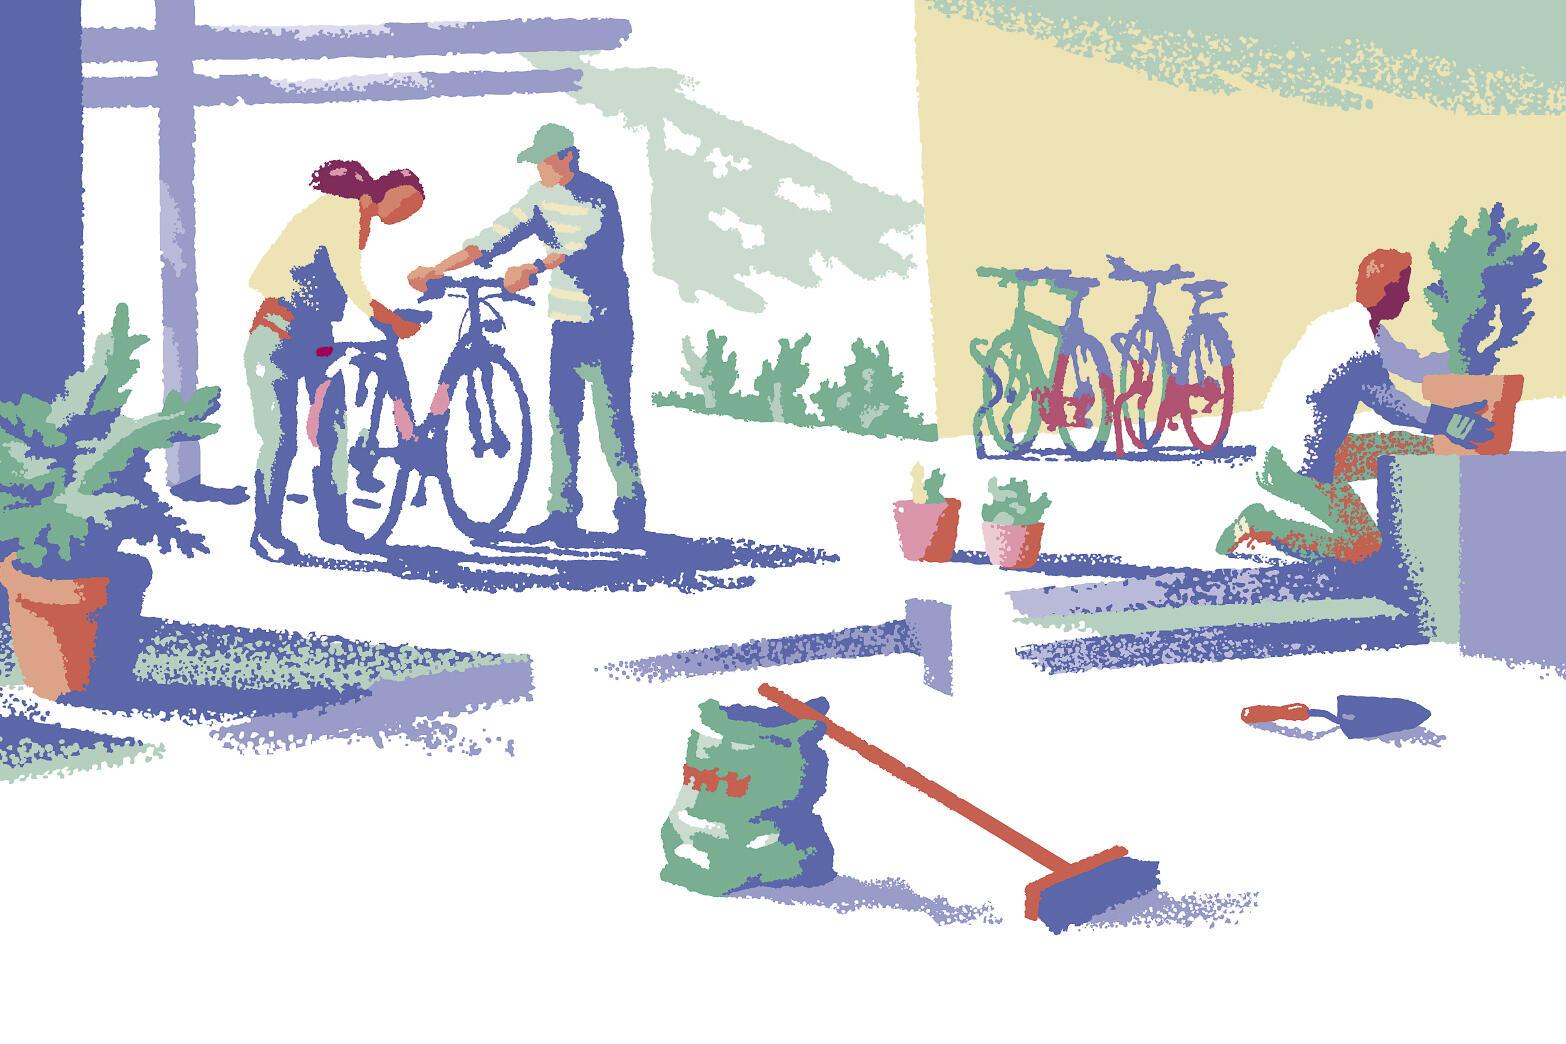 Vårdugnad i en bakgård, med sykkelreparasjon og planting.